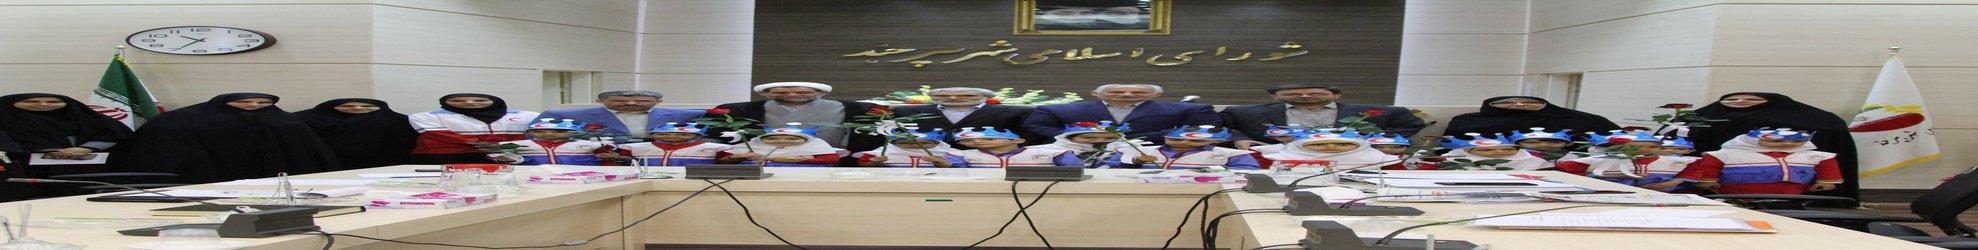 نایب رئیس شورای اسلامی شهر بیرجند/فرهنگ سازی از سنین پایه برای کودکان